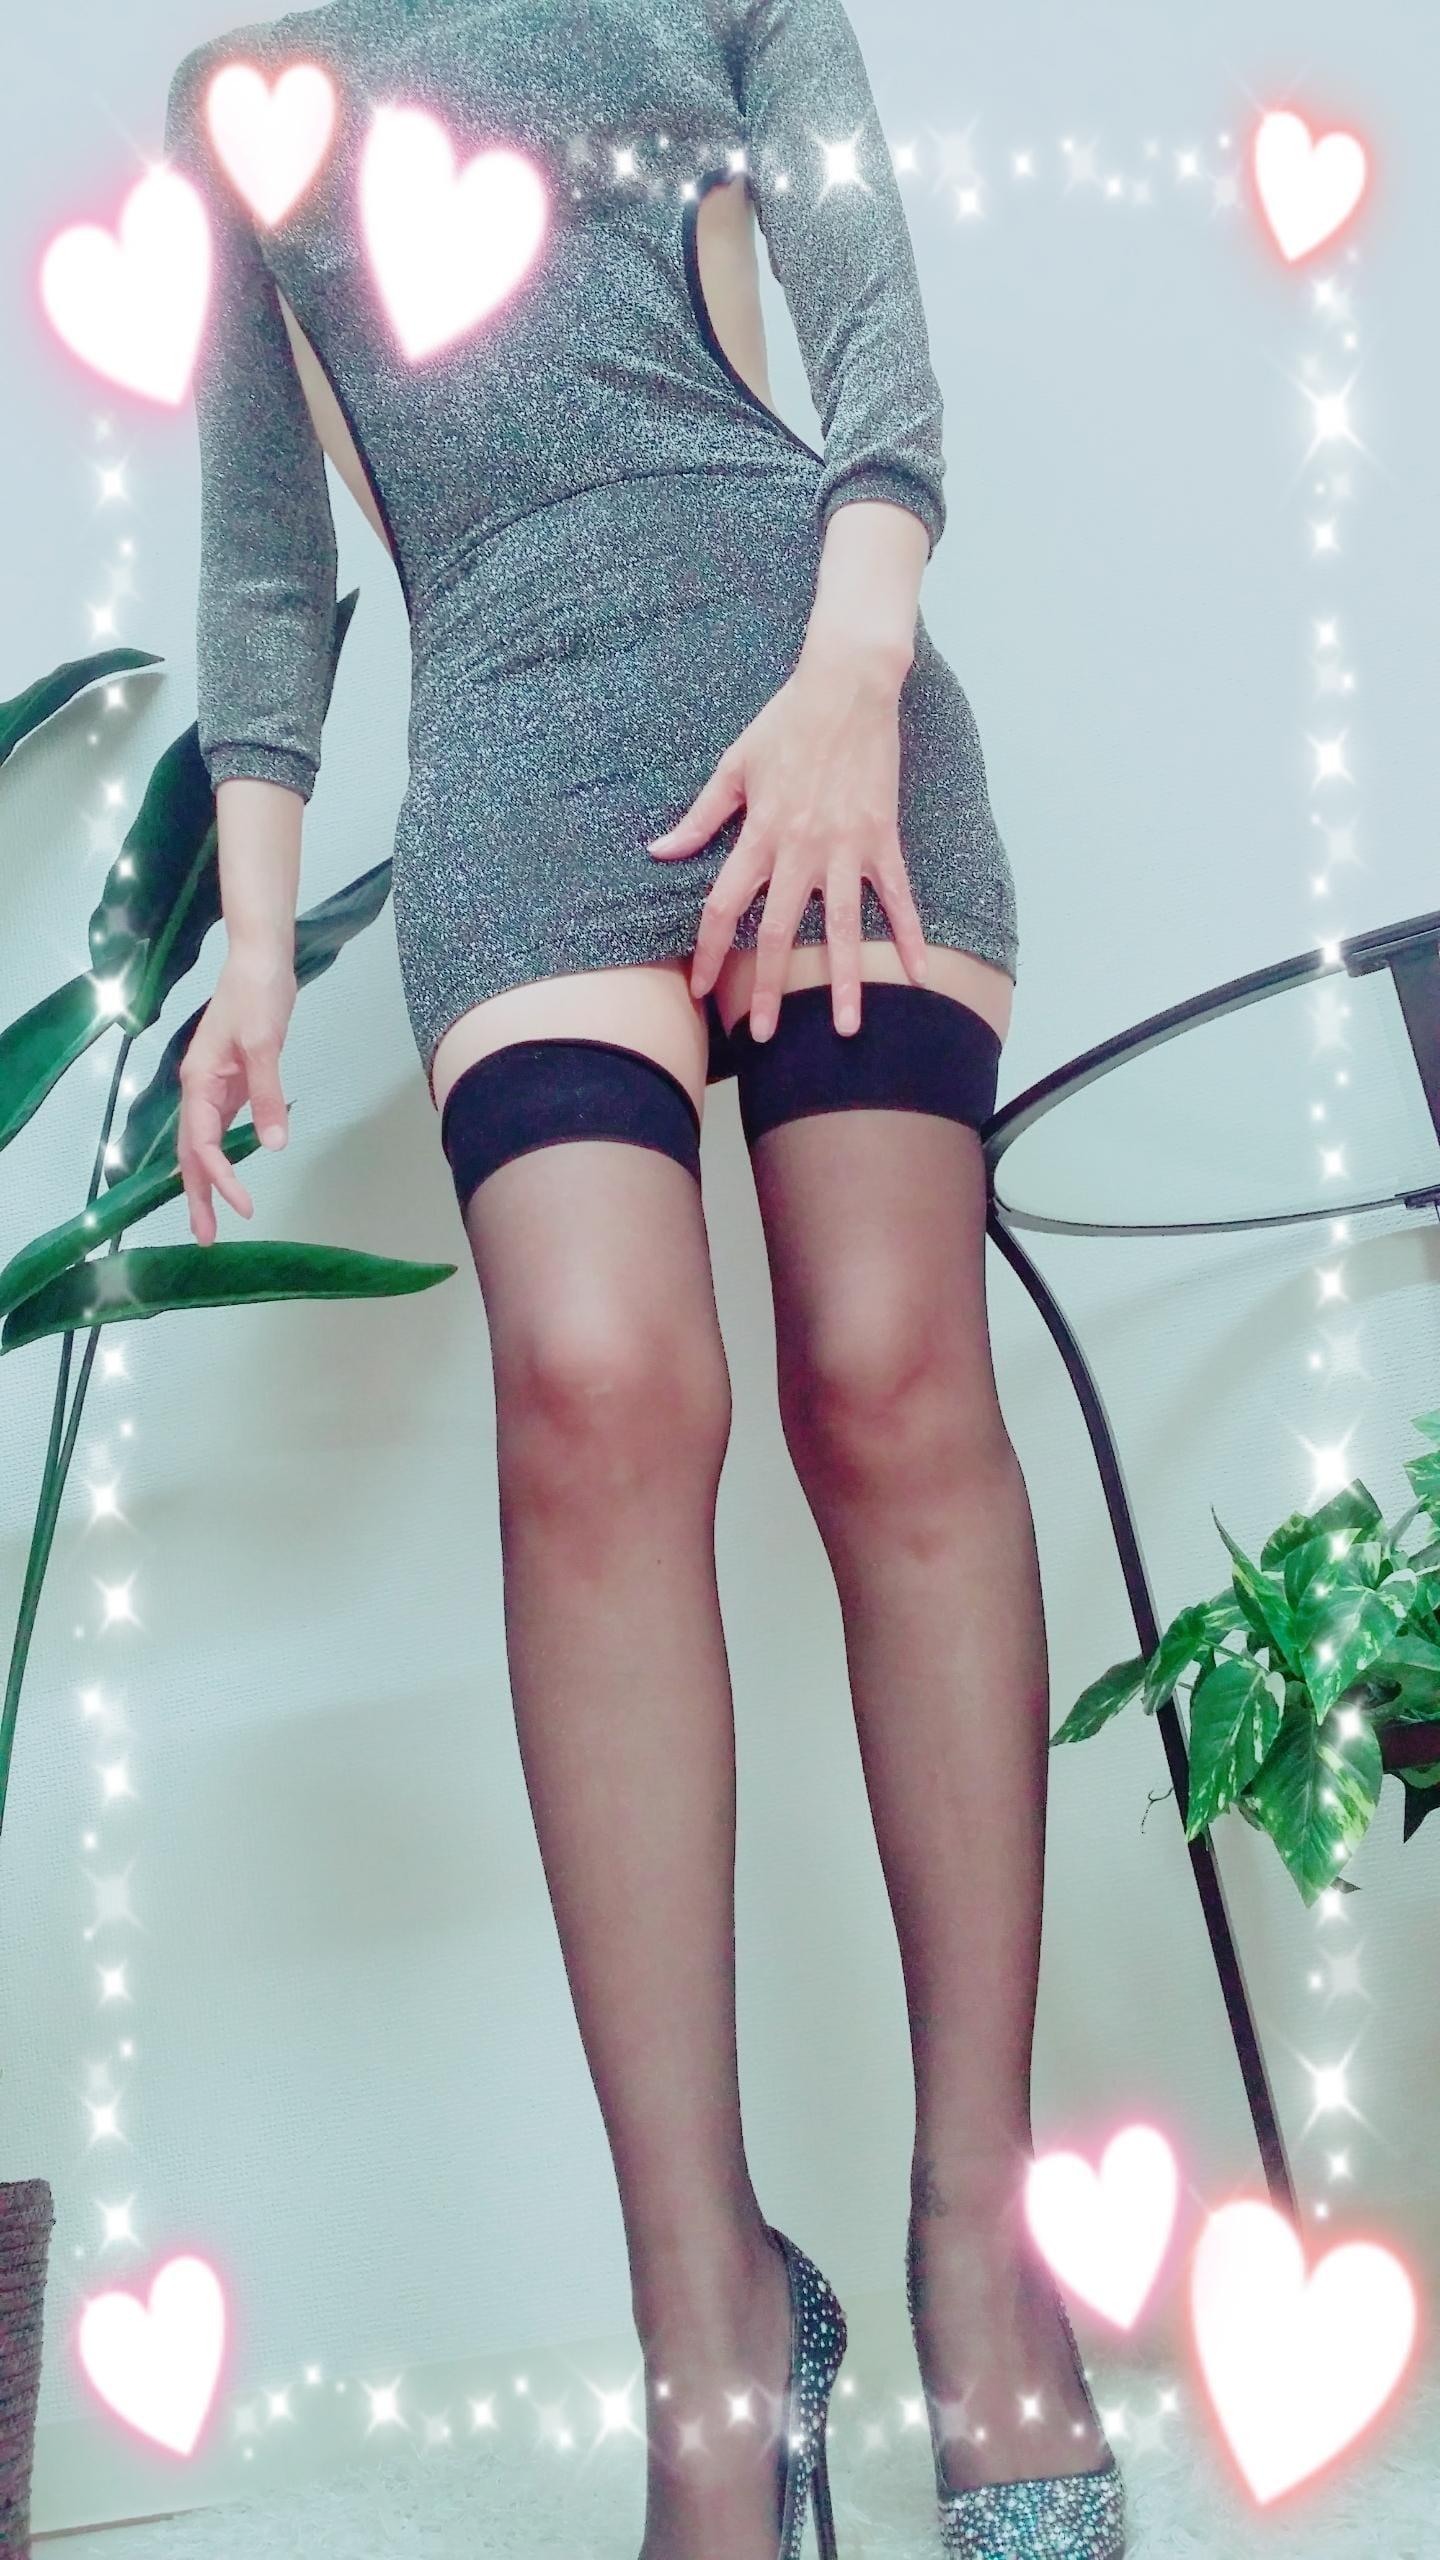 「バン━(*´д`)ノ゛━チャ♪」12/09(12/09) 18:24   しゅうかの写メ・風俗動画